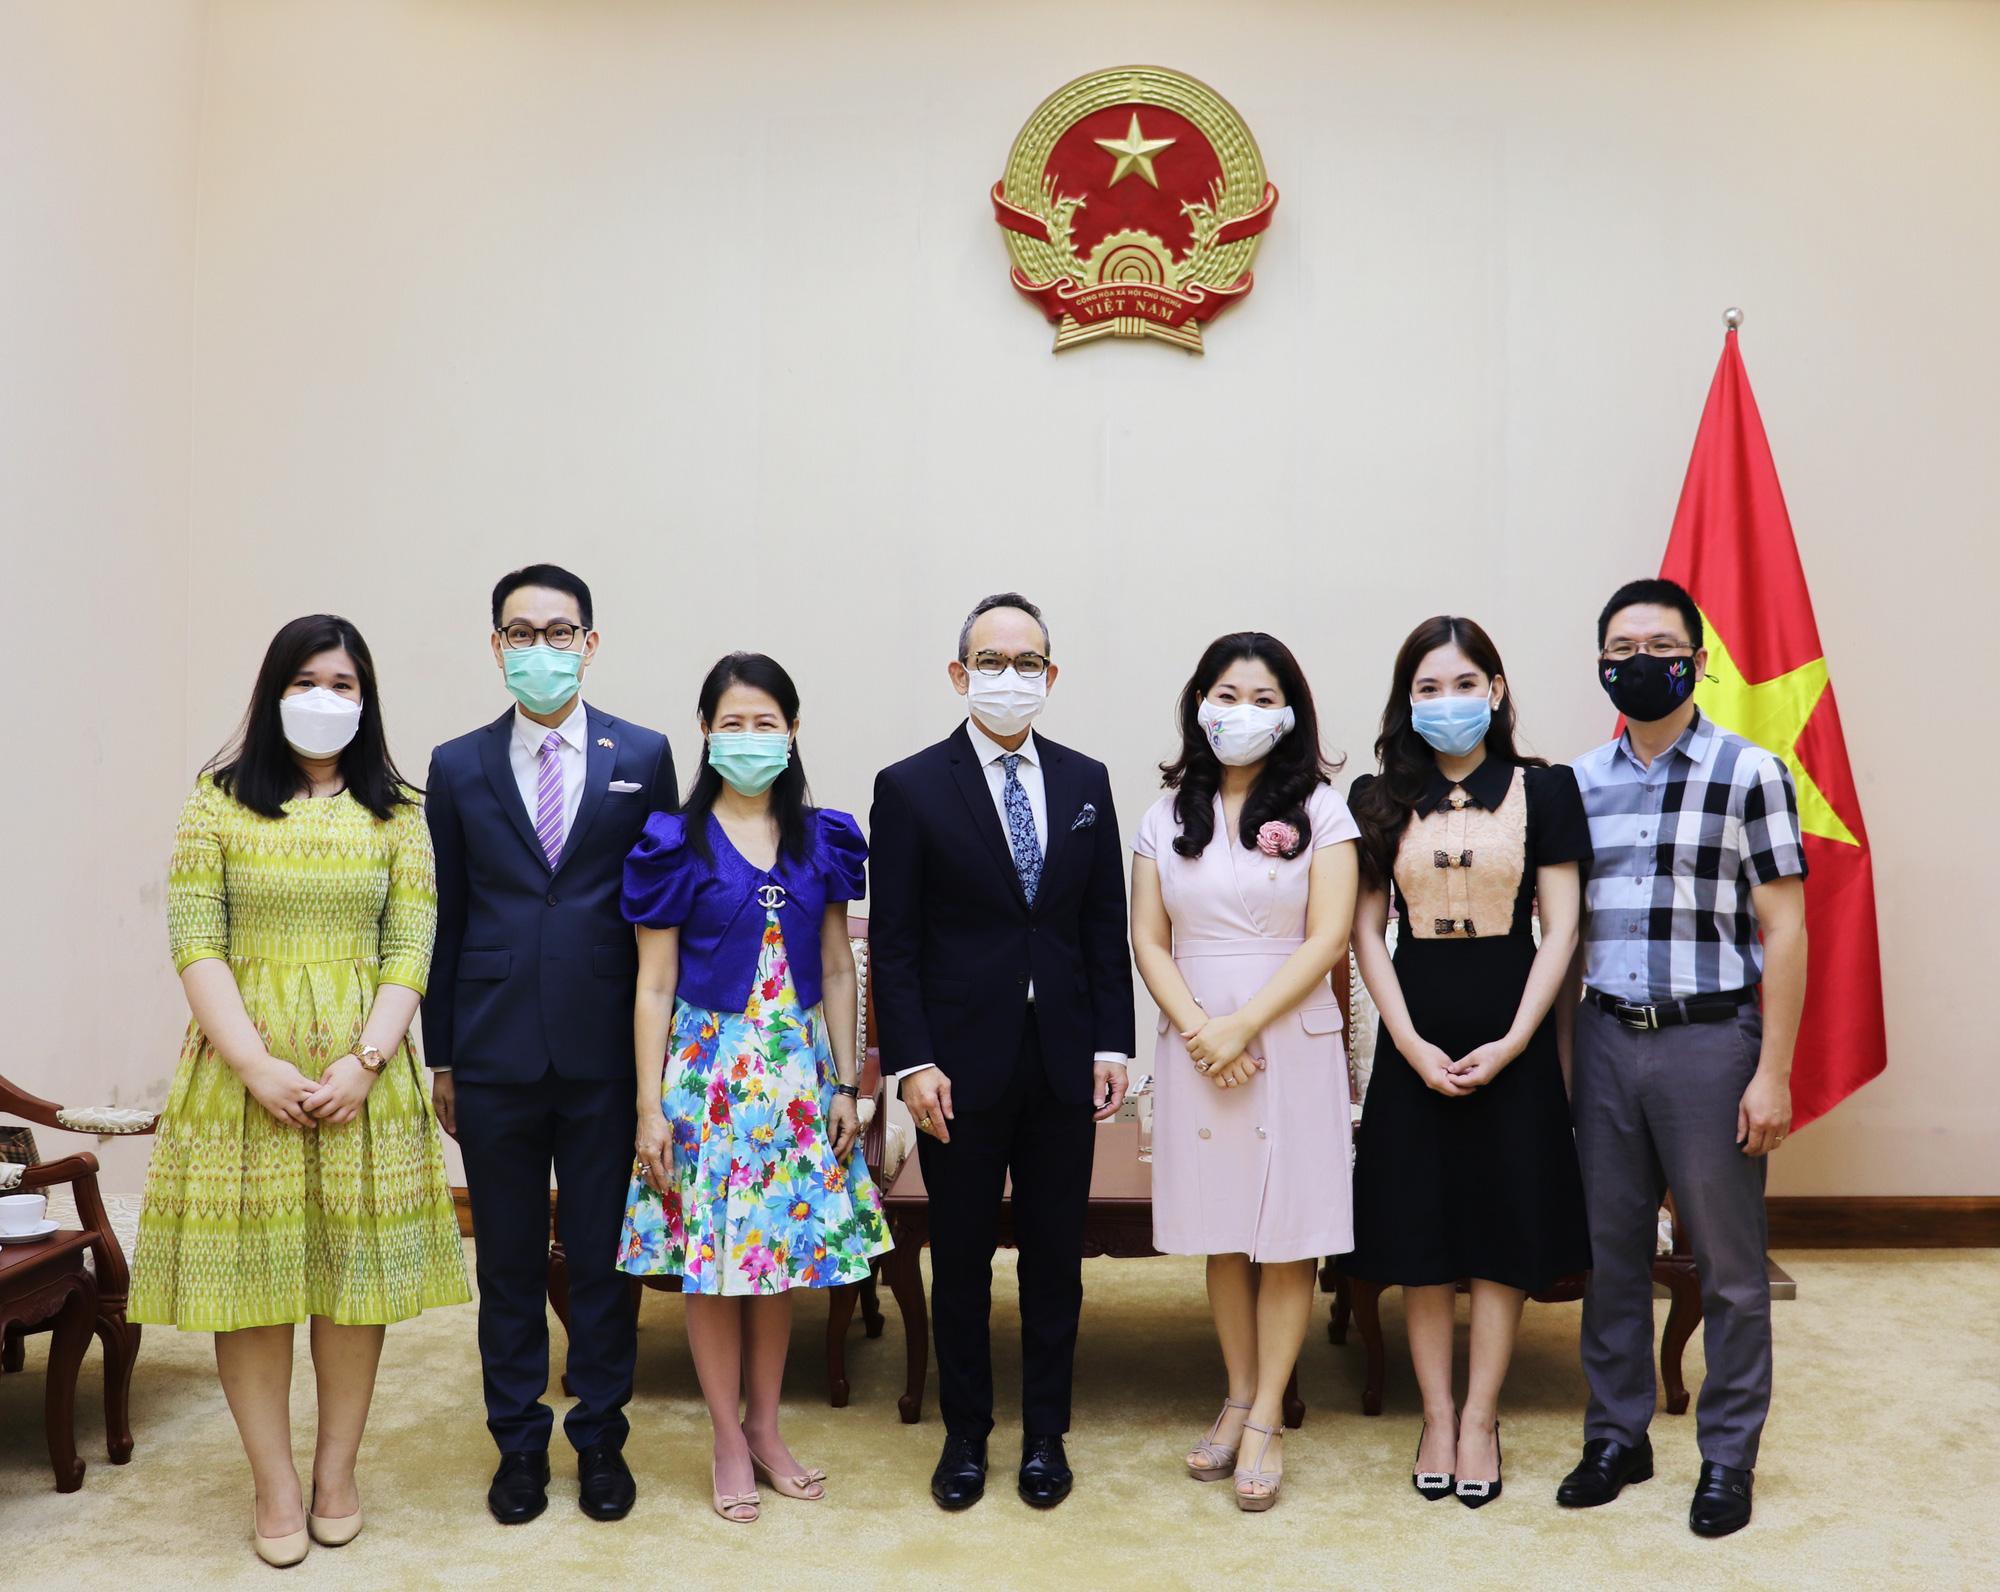 Tổ chức các hoạt động văn hóa kỷ niệm 45 năm quan hệ ngoại giao Việt Nam-Thái Lan - Ảnh 3.